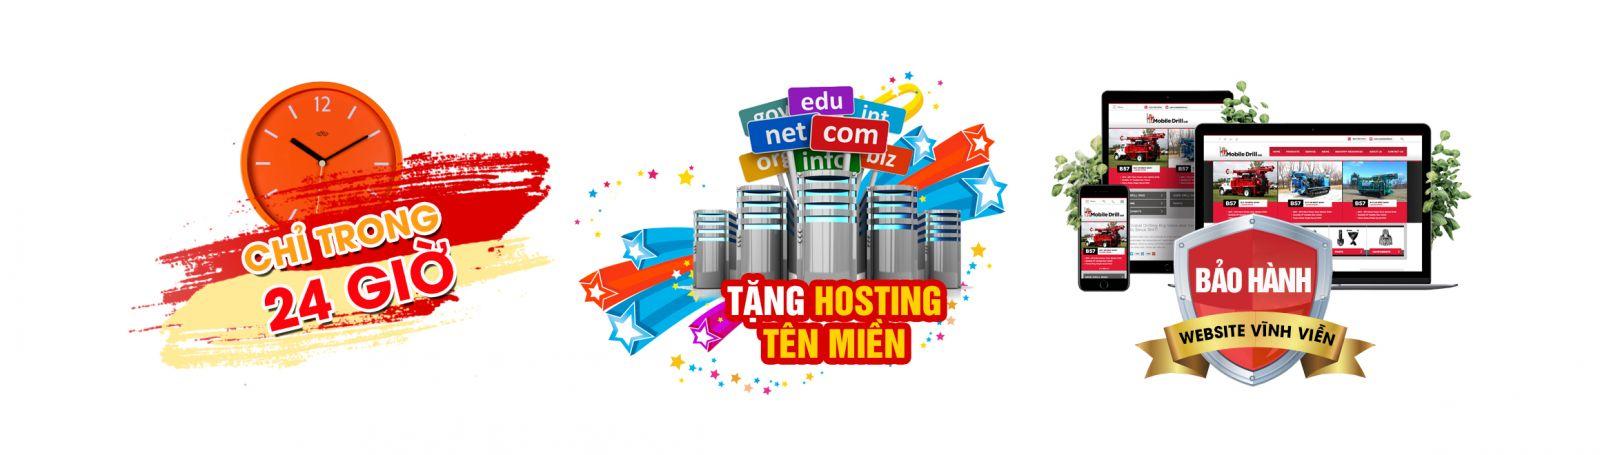 Thiết kế website quận Gò Vấp uy tín, chuyên nghiệp, giá rẻ